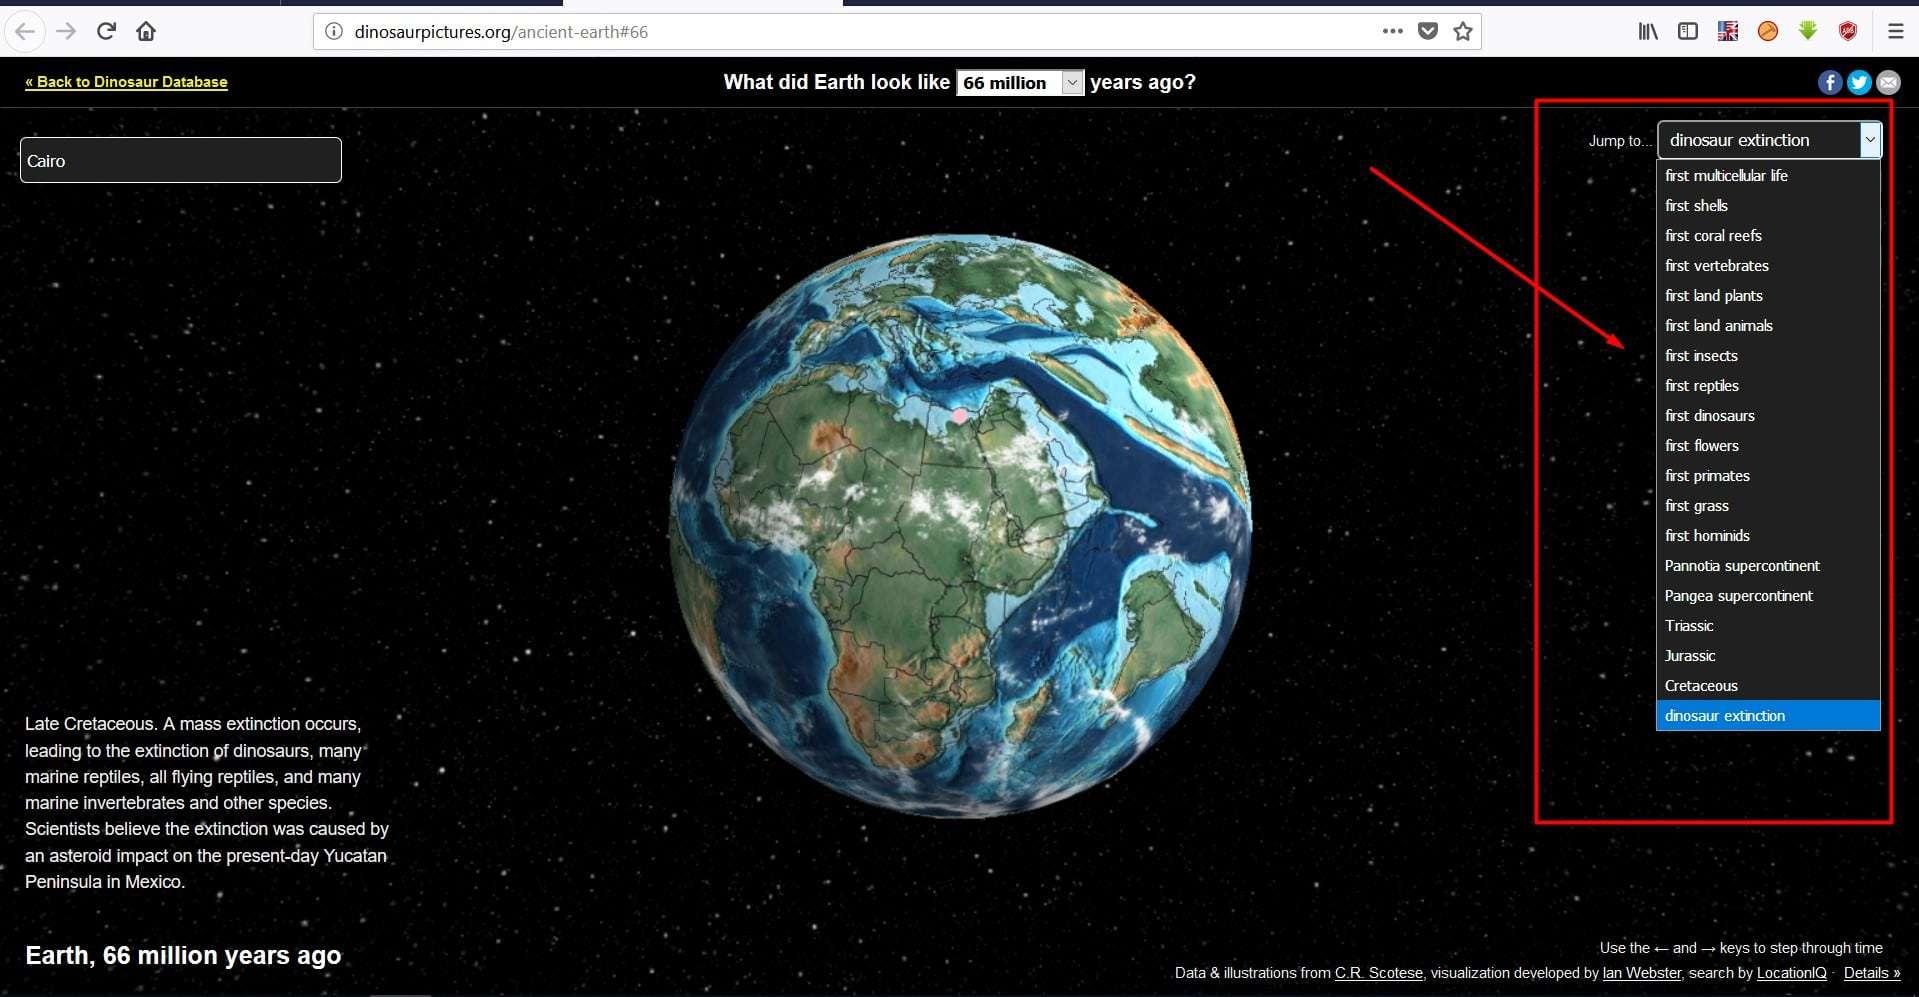 أين يقع منزلك قبل ملايين السنين؟